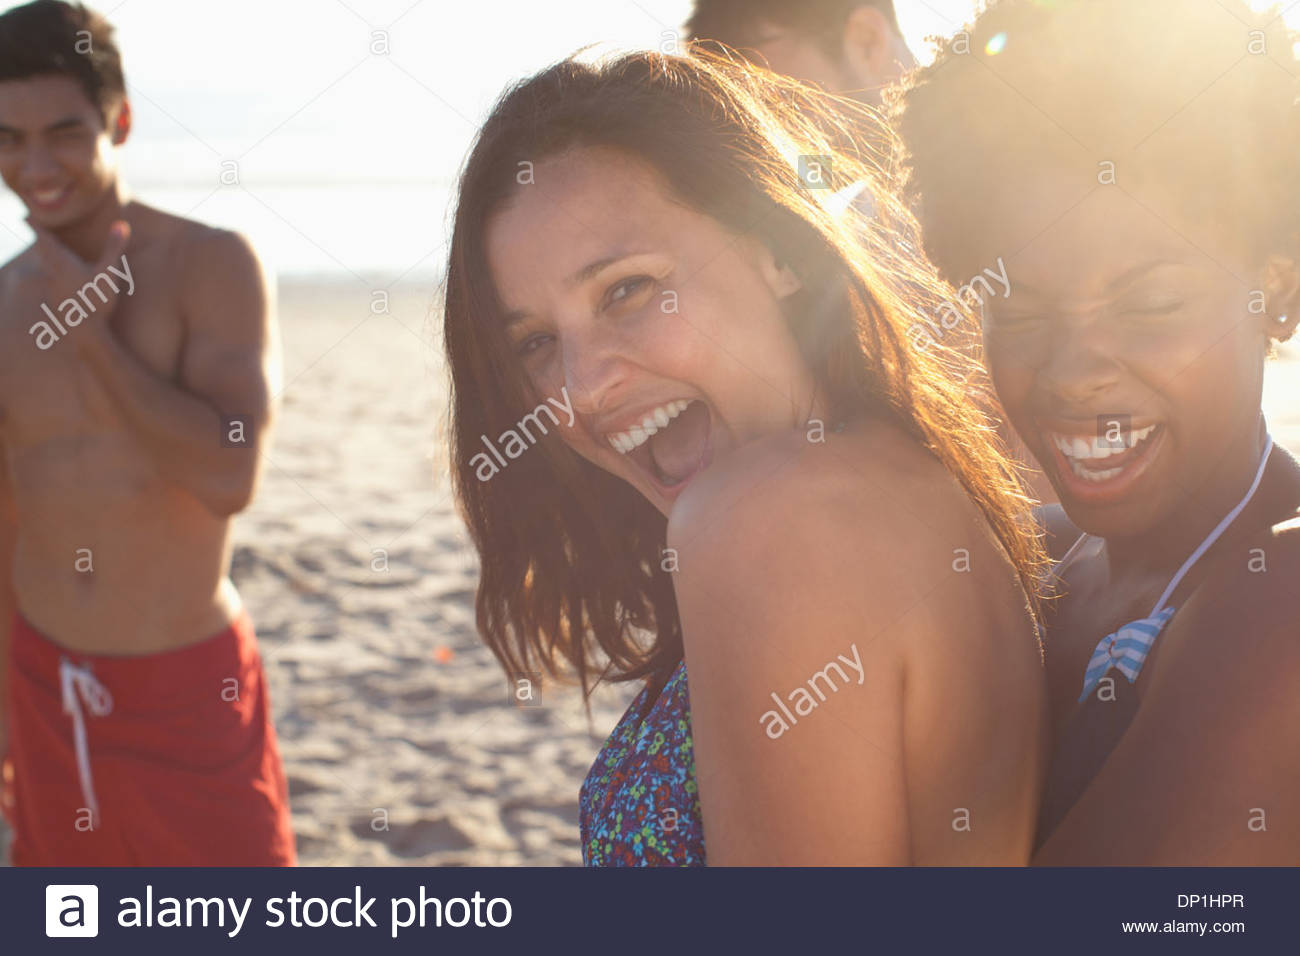 Les femmes à jouer ensemble sur la plage Photo Stock